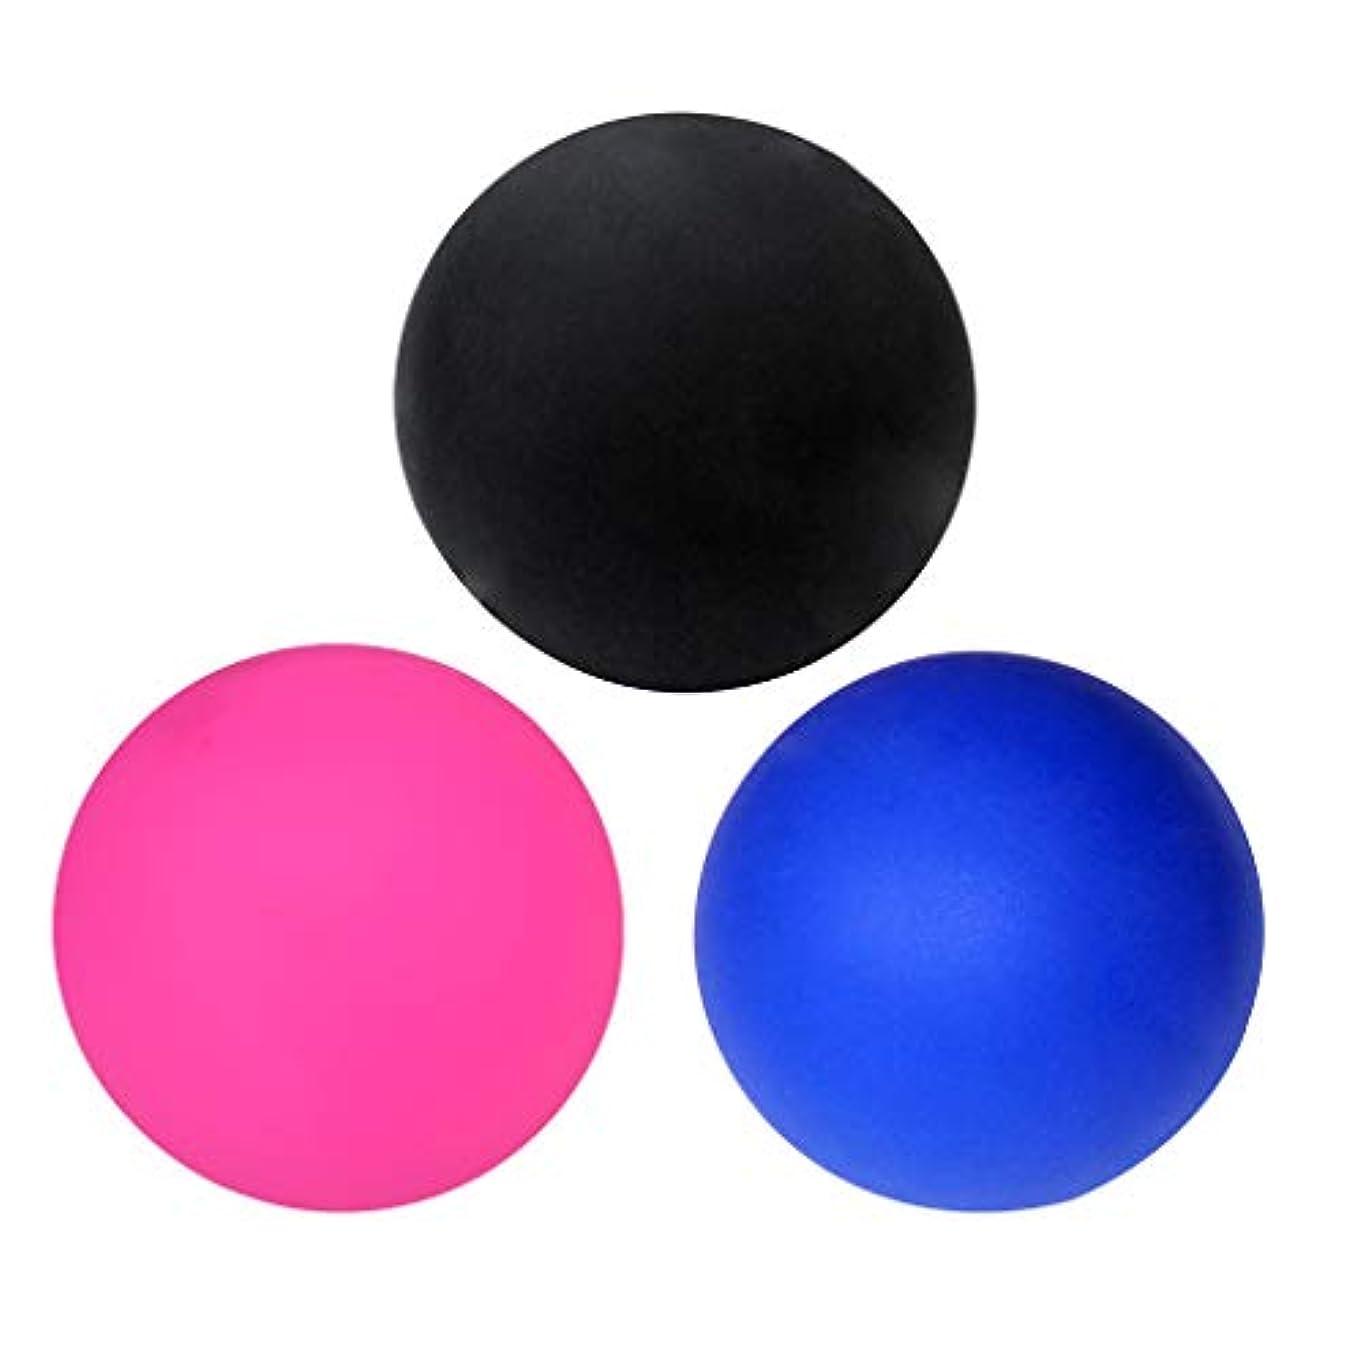 返還オークション変わるマッサージボール ラクロスボール トリガーポイント ヨガ エクササイズボール 健康グッズ 3個入